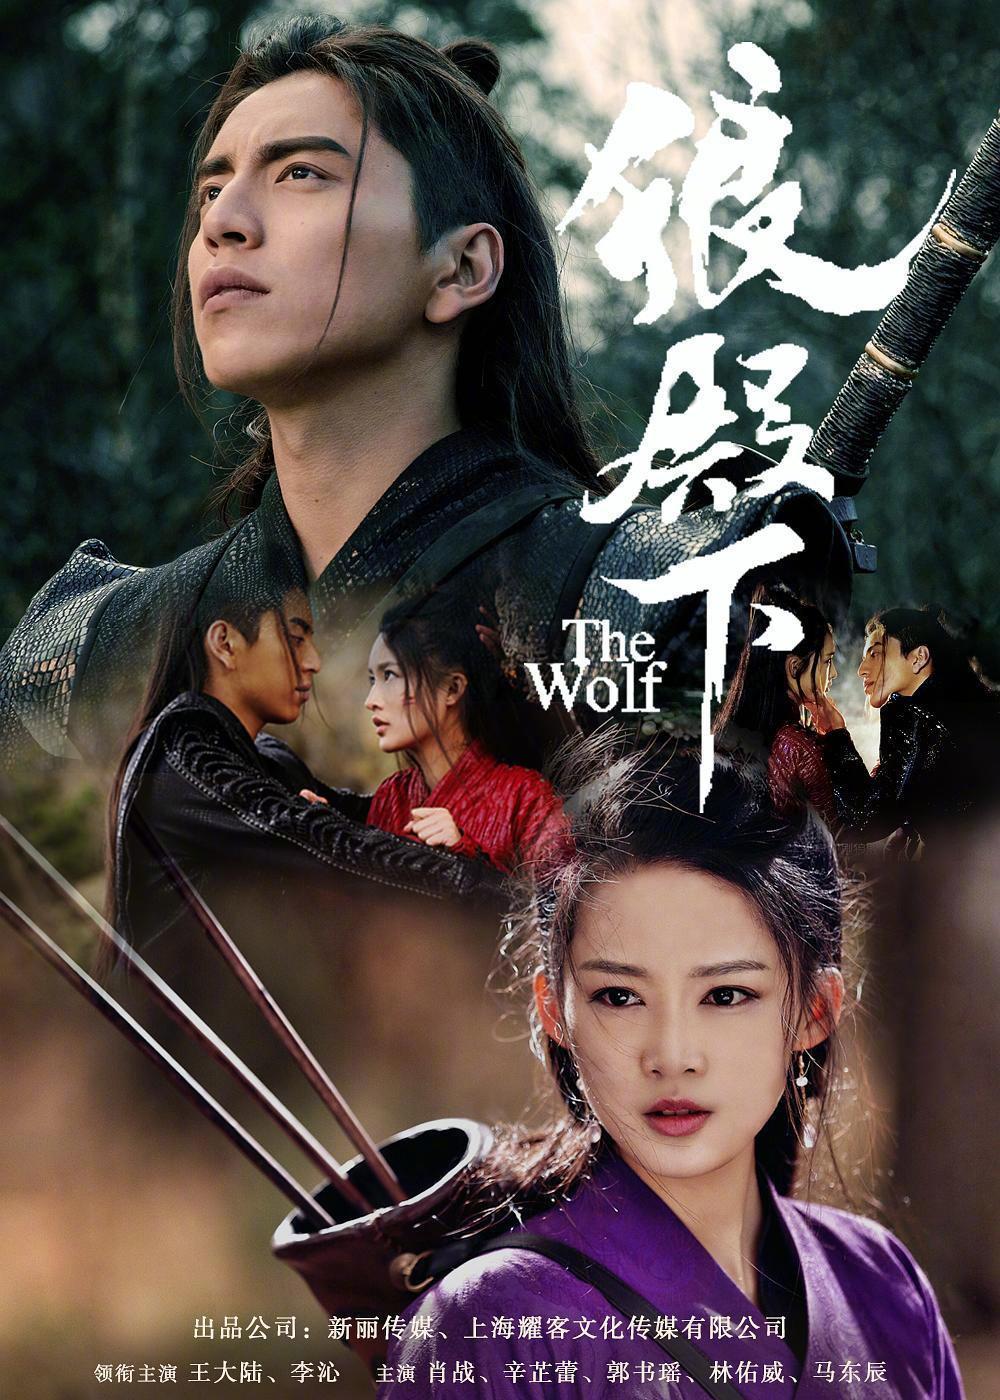 Douban Lang điện hạ: Tiêu Chiến được ngợi khen, 26 ngàn bình luận đánh giá chỉ sau vài giờ lên sóng Ảnh 2